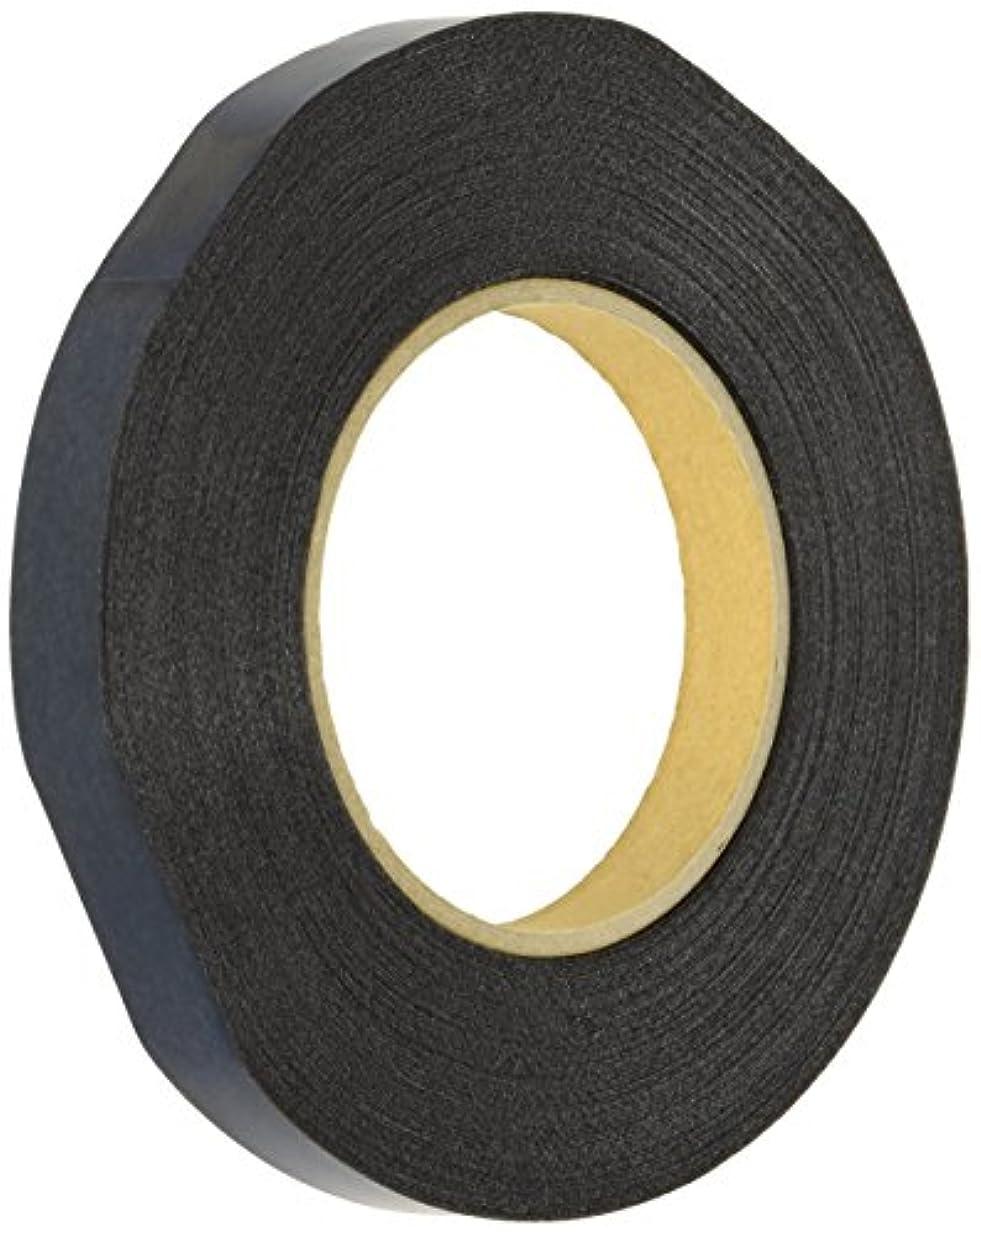 論理不満発見するミヤタ(MIYATA) TTP-1 チューブラーリムテープ 16mm×20m